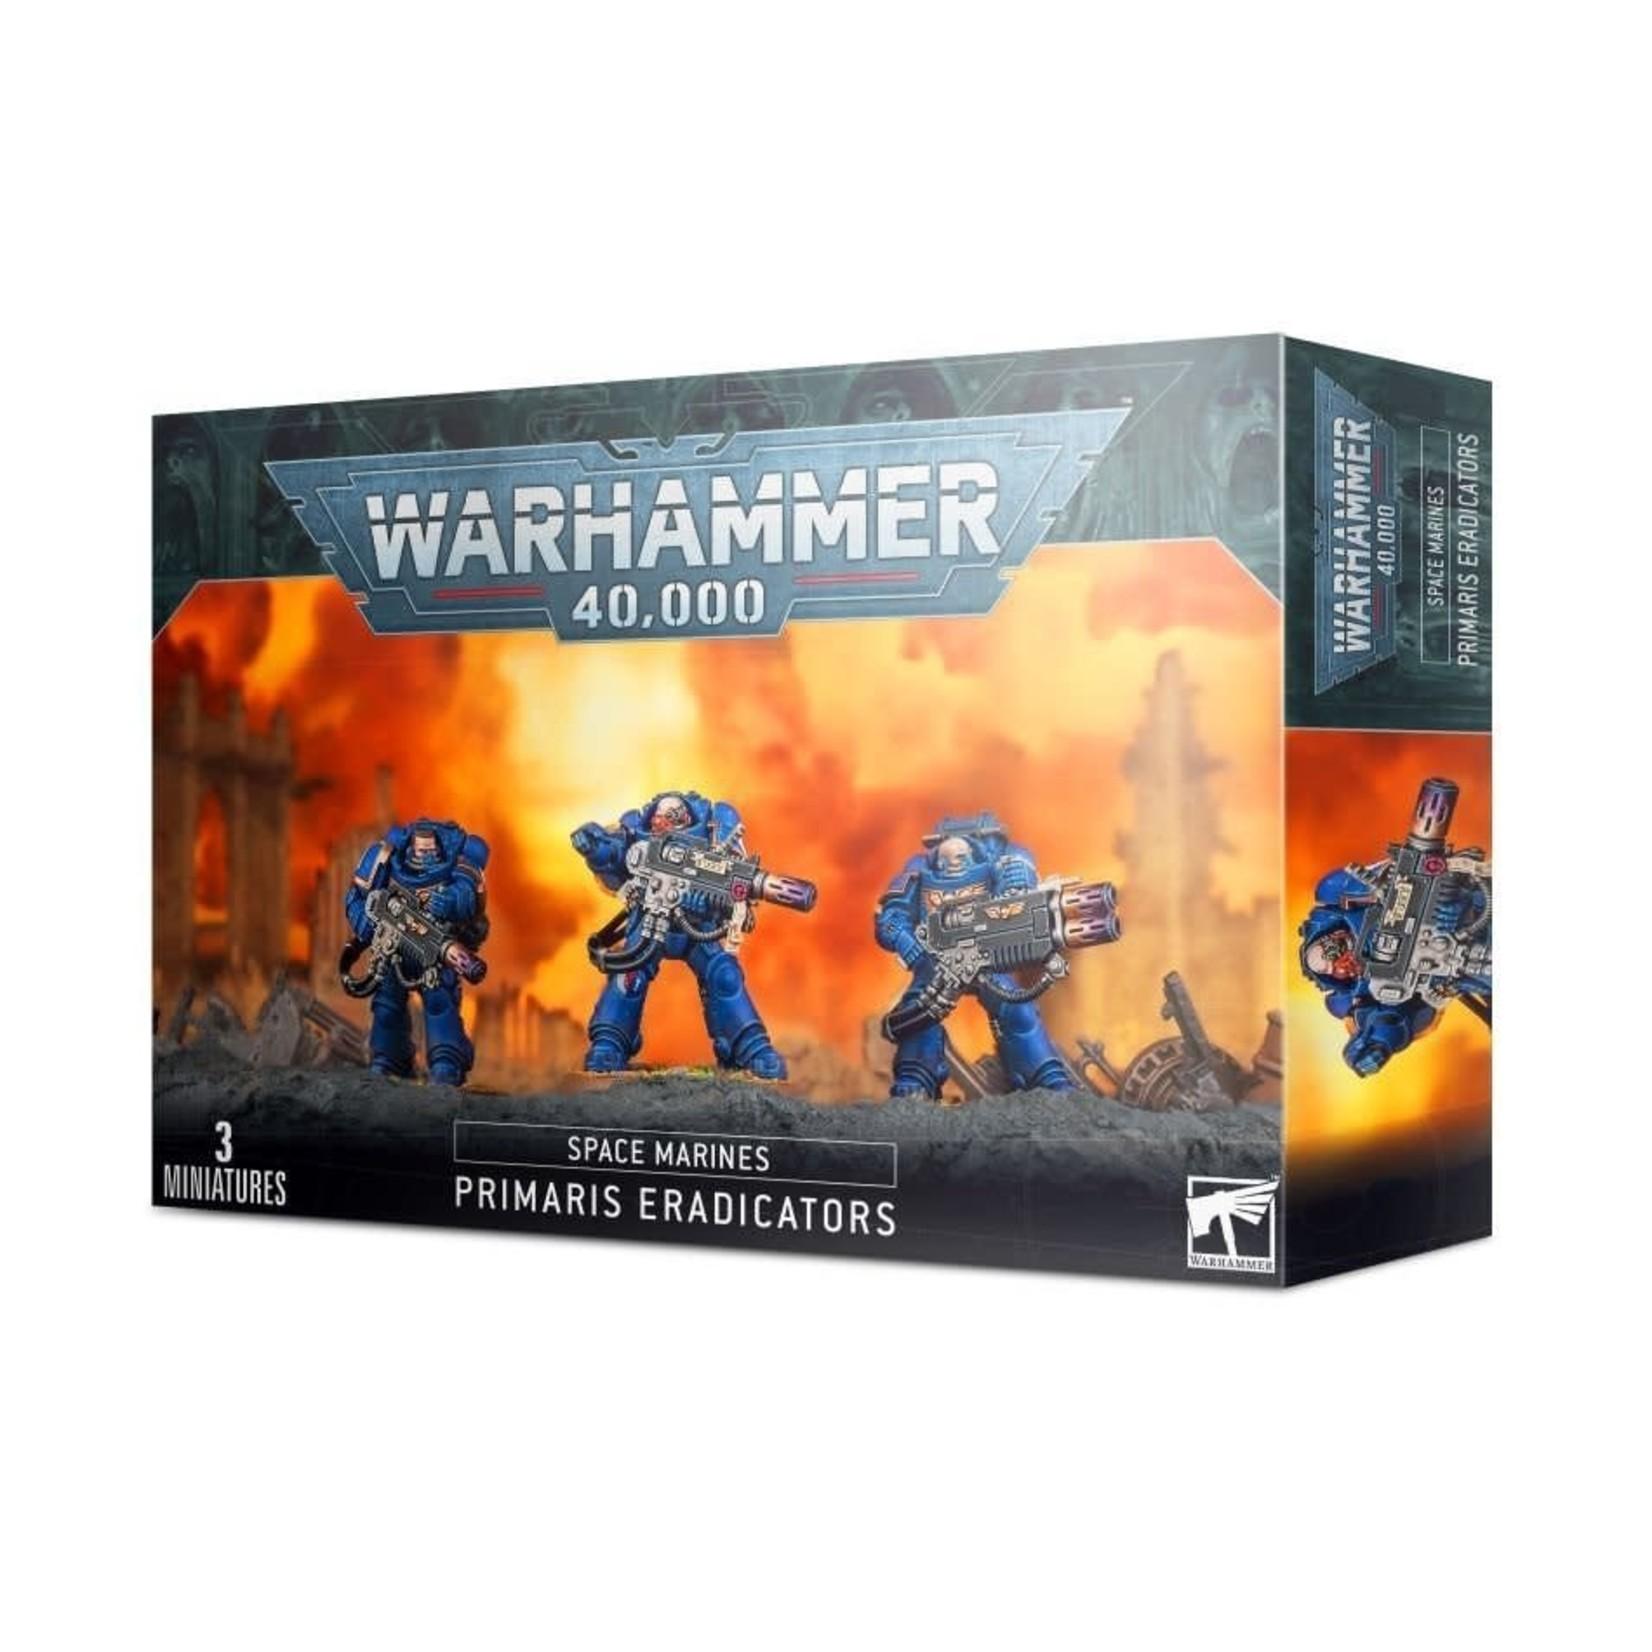 Games Workshop Warhammer 40k: Space Marines - Primaris Eradicators